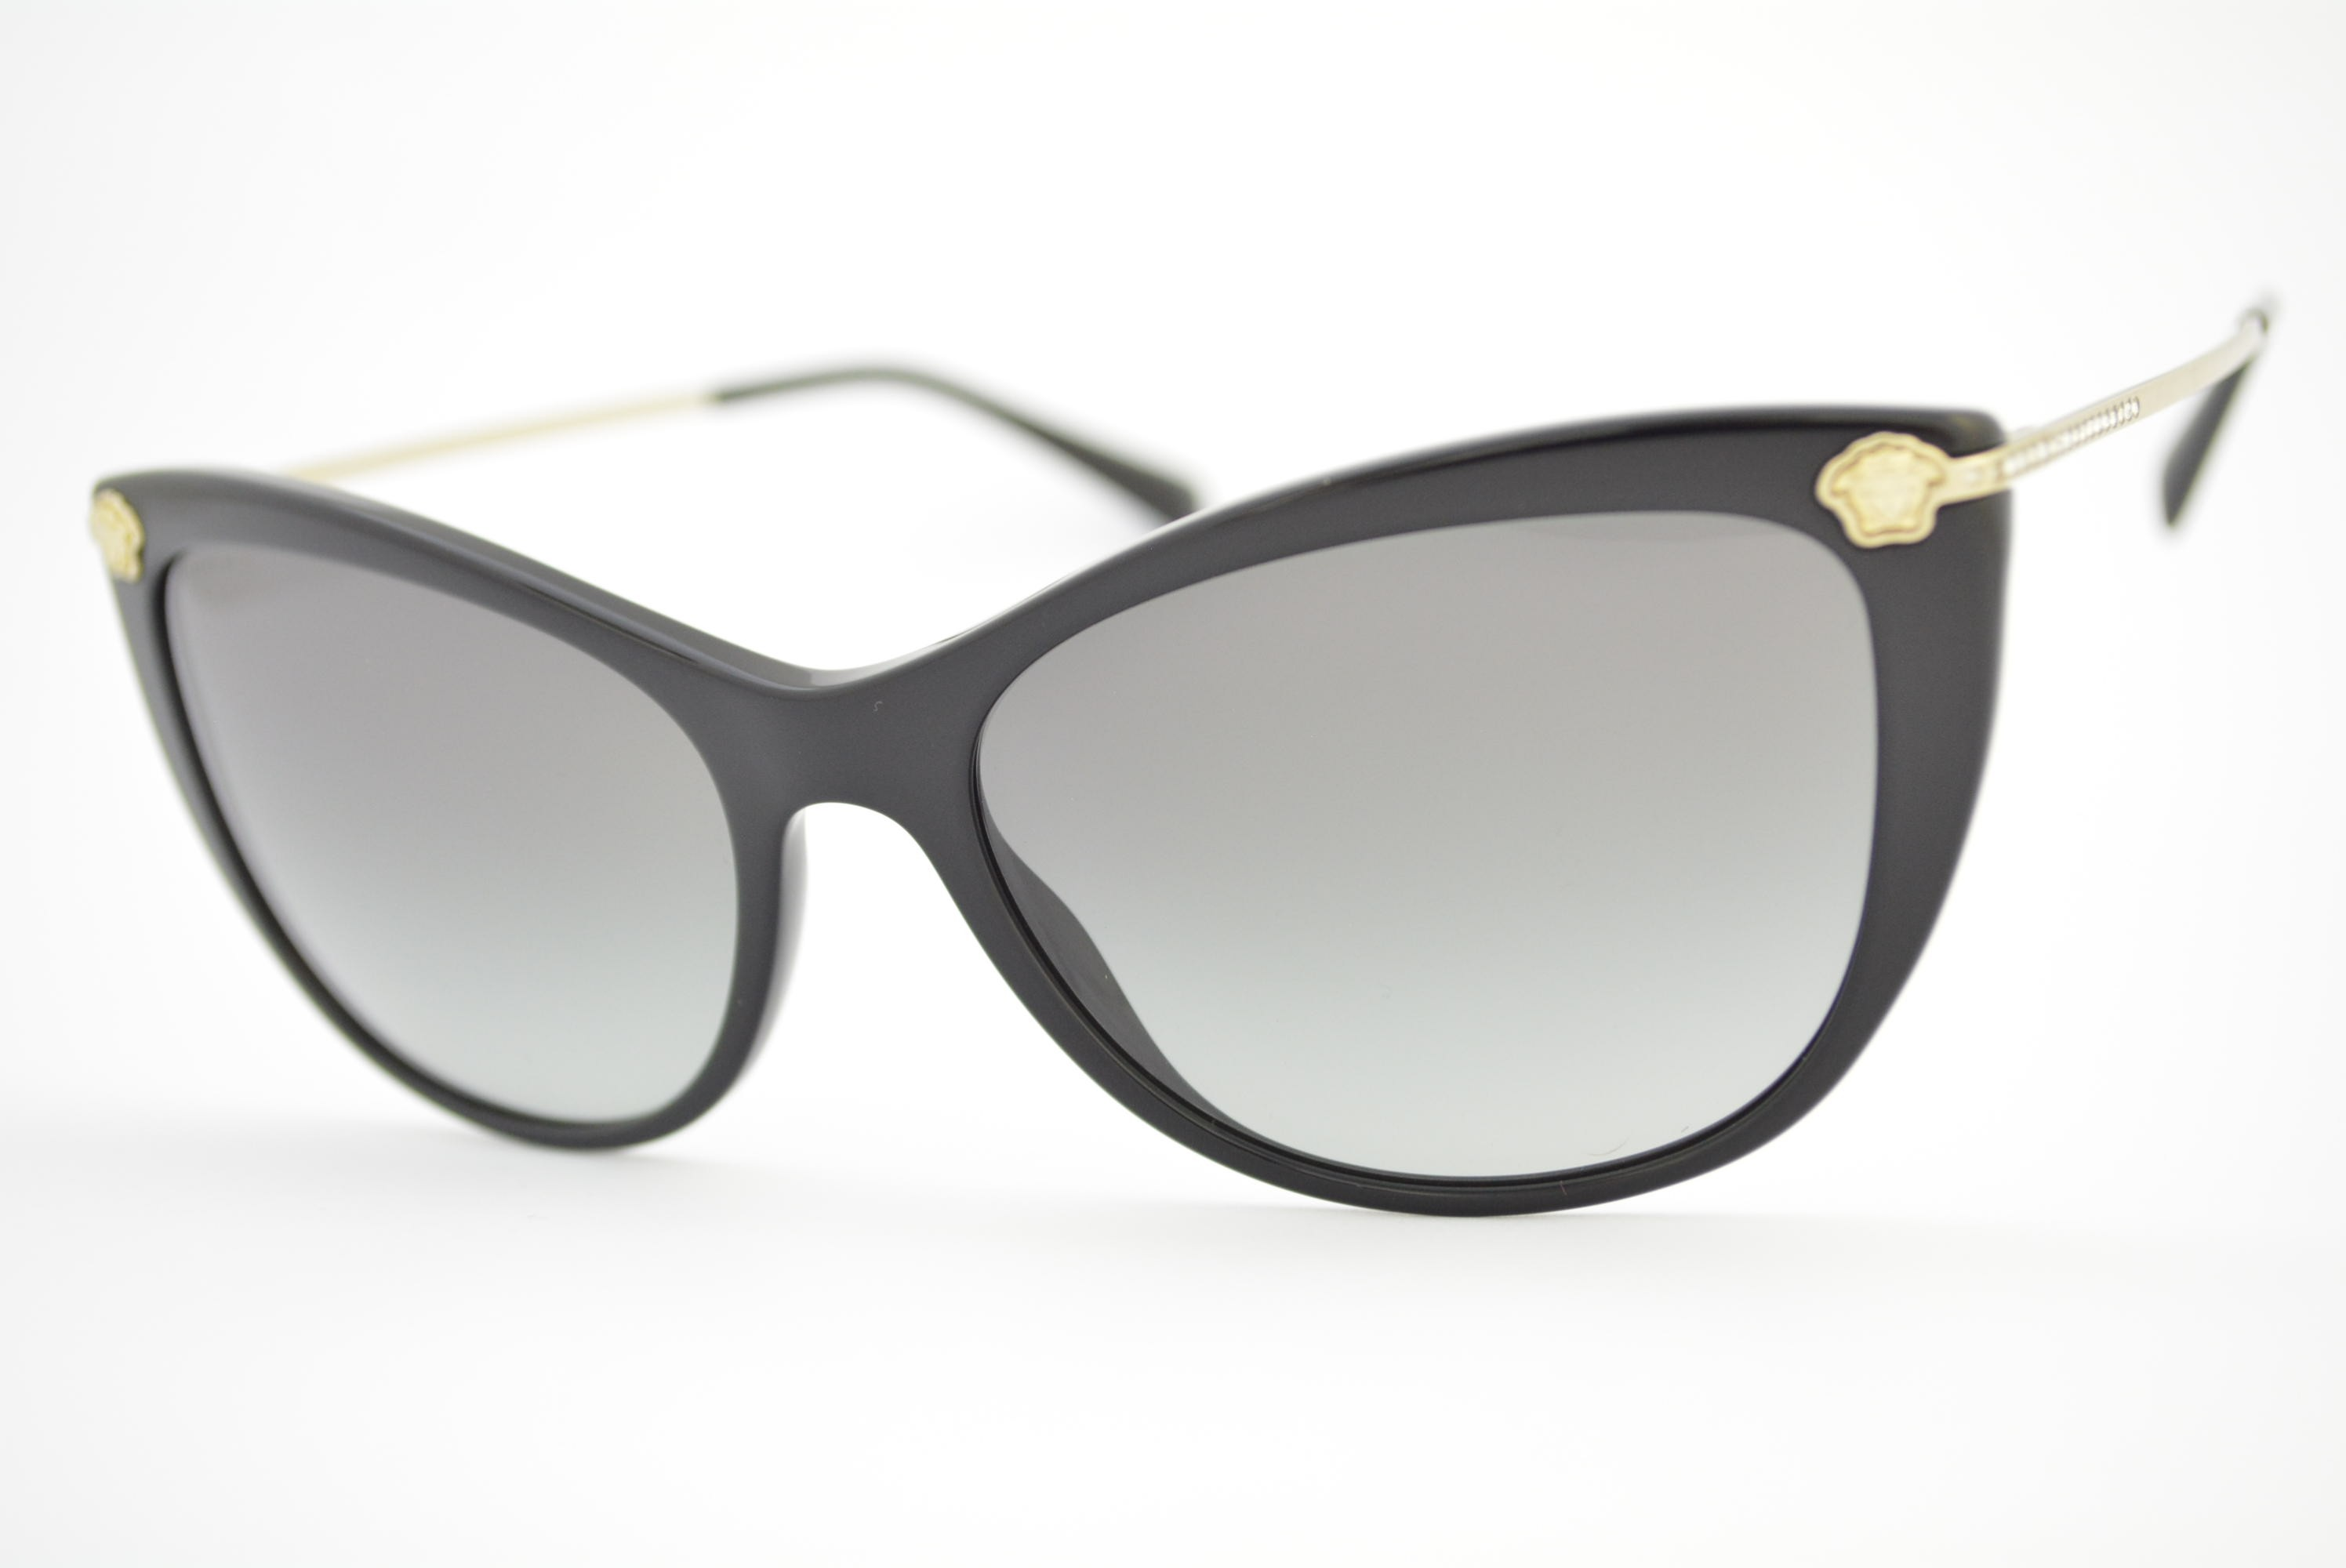 e6b4c663643c4 óculos de sol Versace mod 4345-B GB1 11 Ótica Cardoso